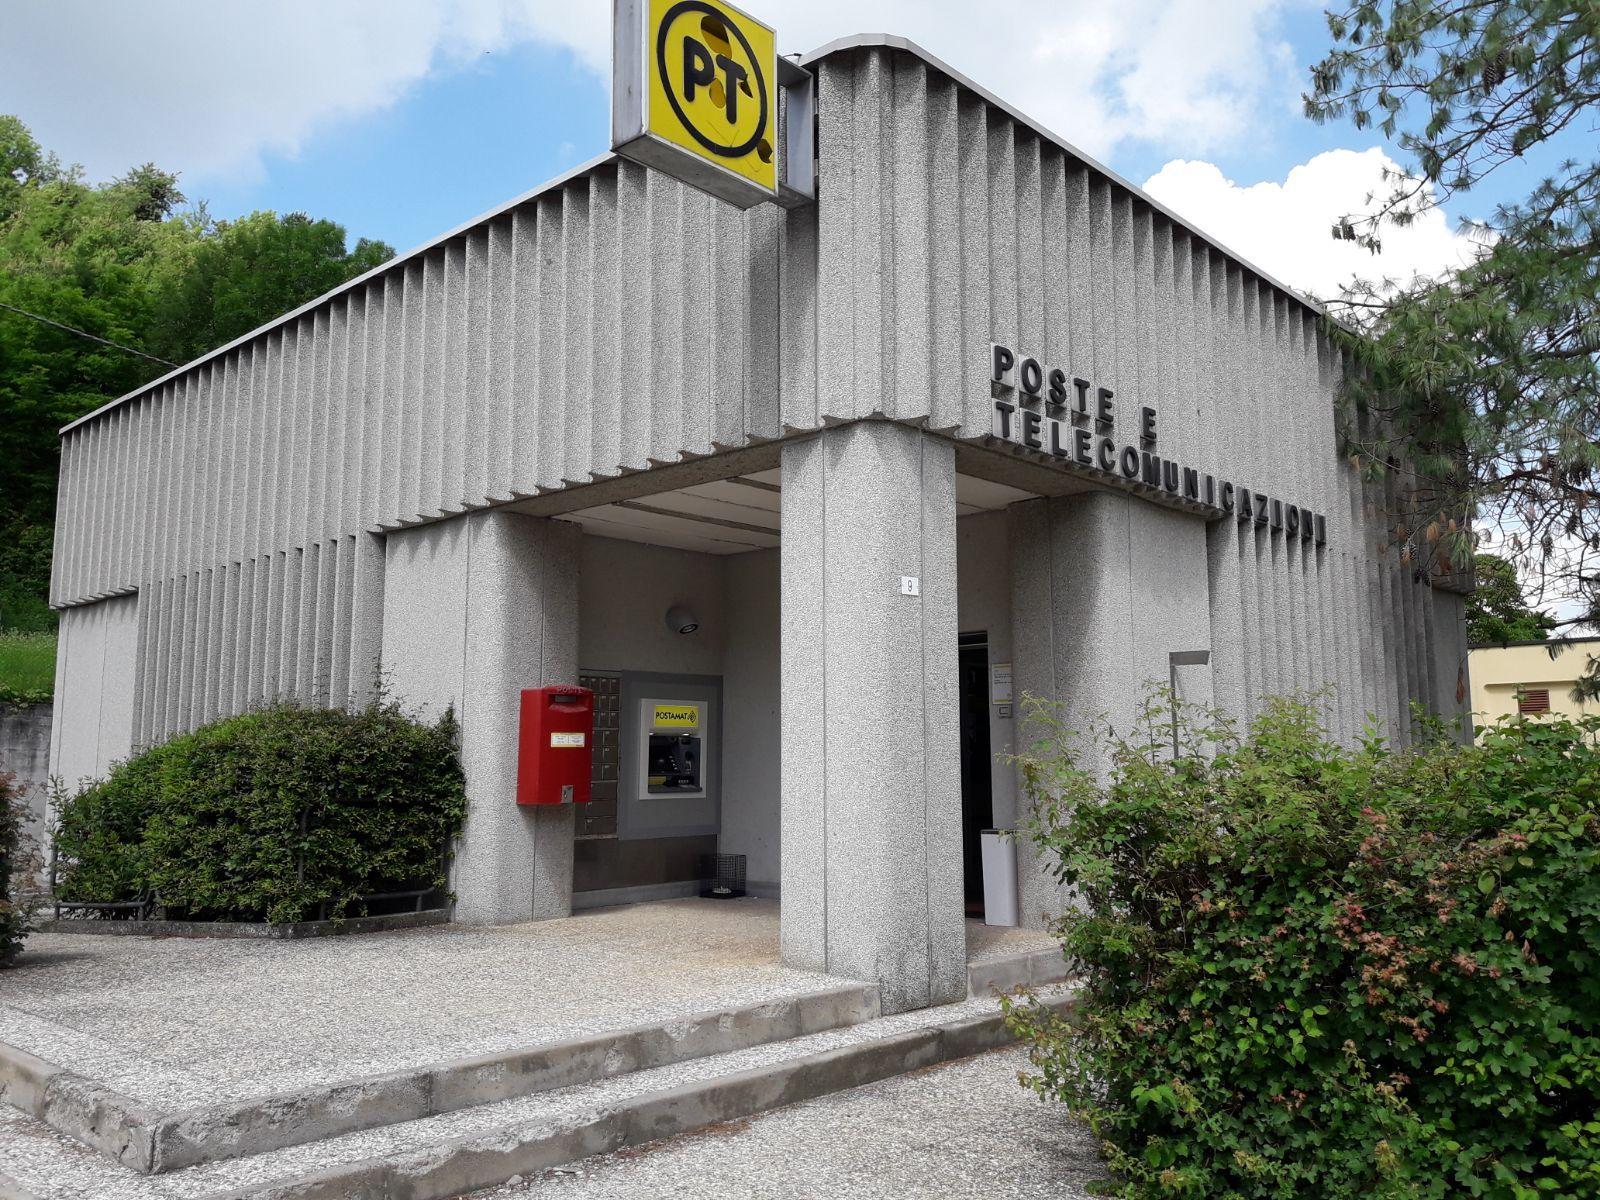 Ufficio Casa Ozzano : Uno sportello postamat di ultima generazione all ufficio postale